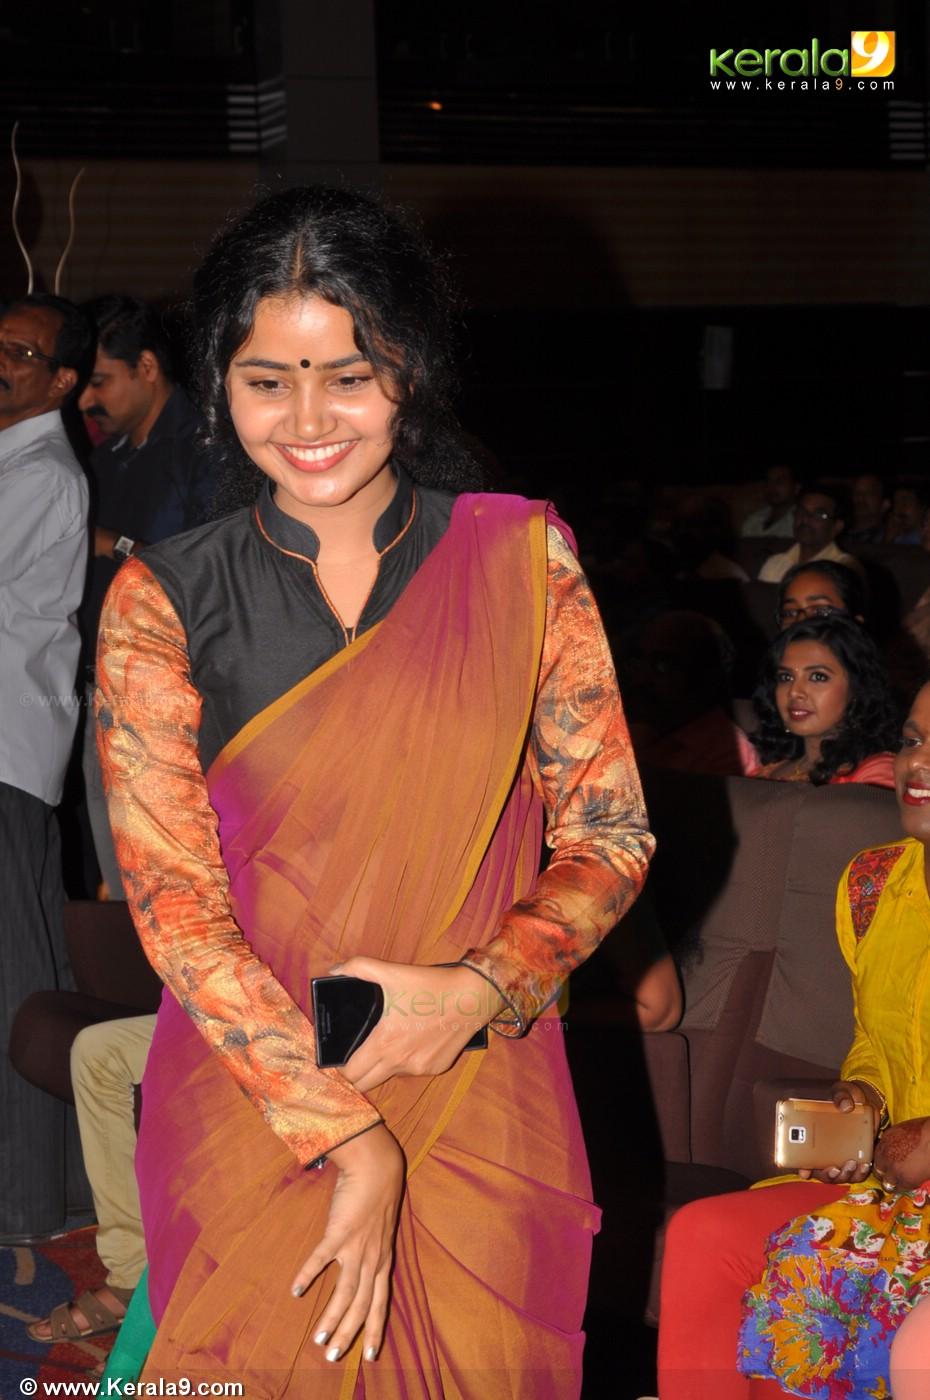 anupama-parameshwaran-new-photos03-01372